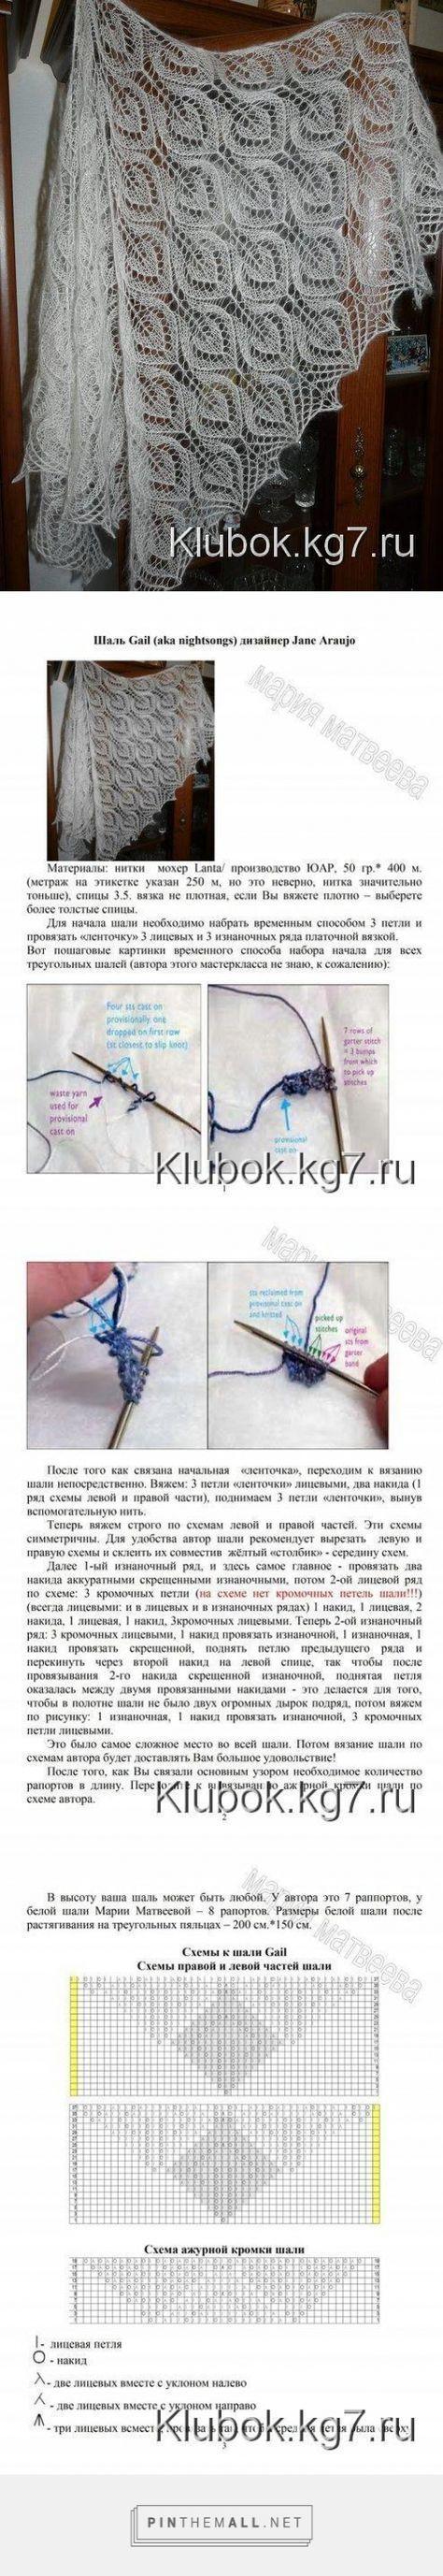 Ажурный палантин спицами схемы и описание фото